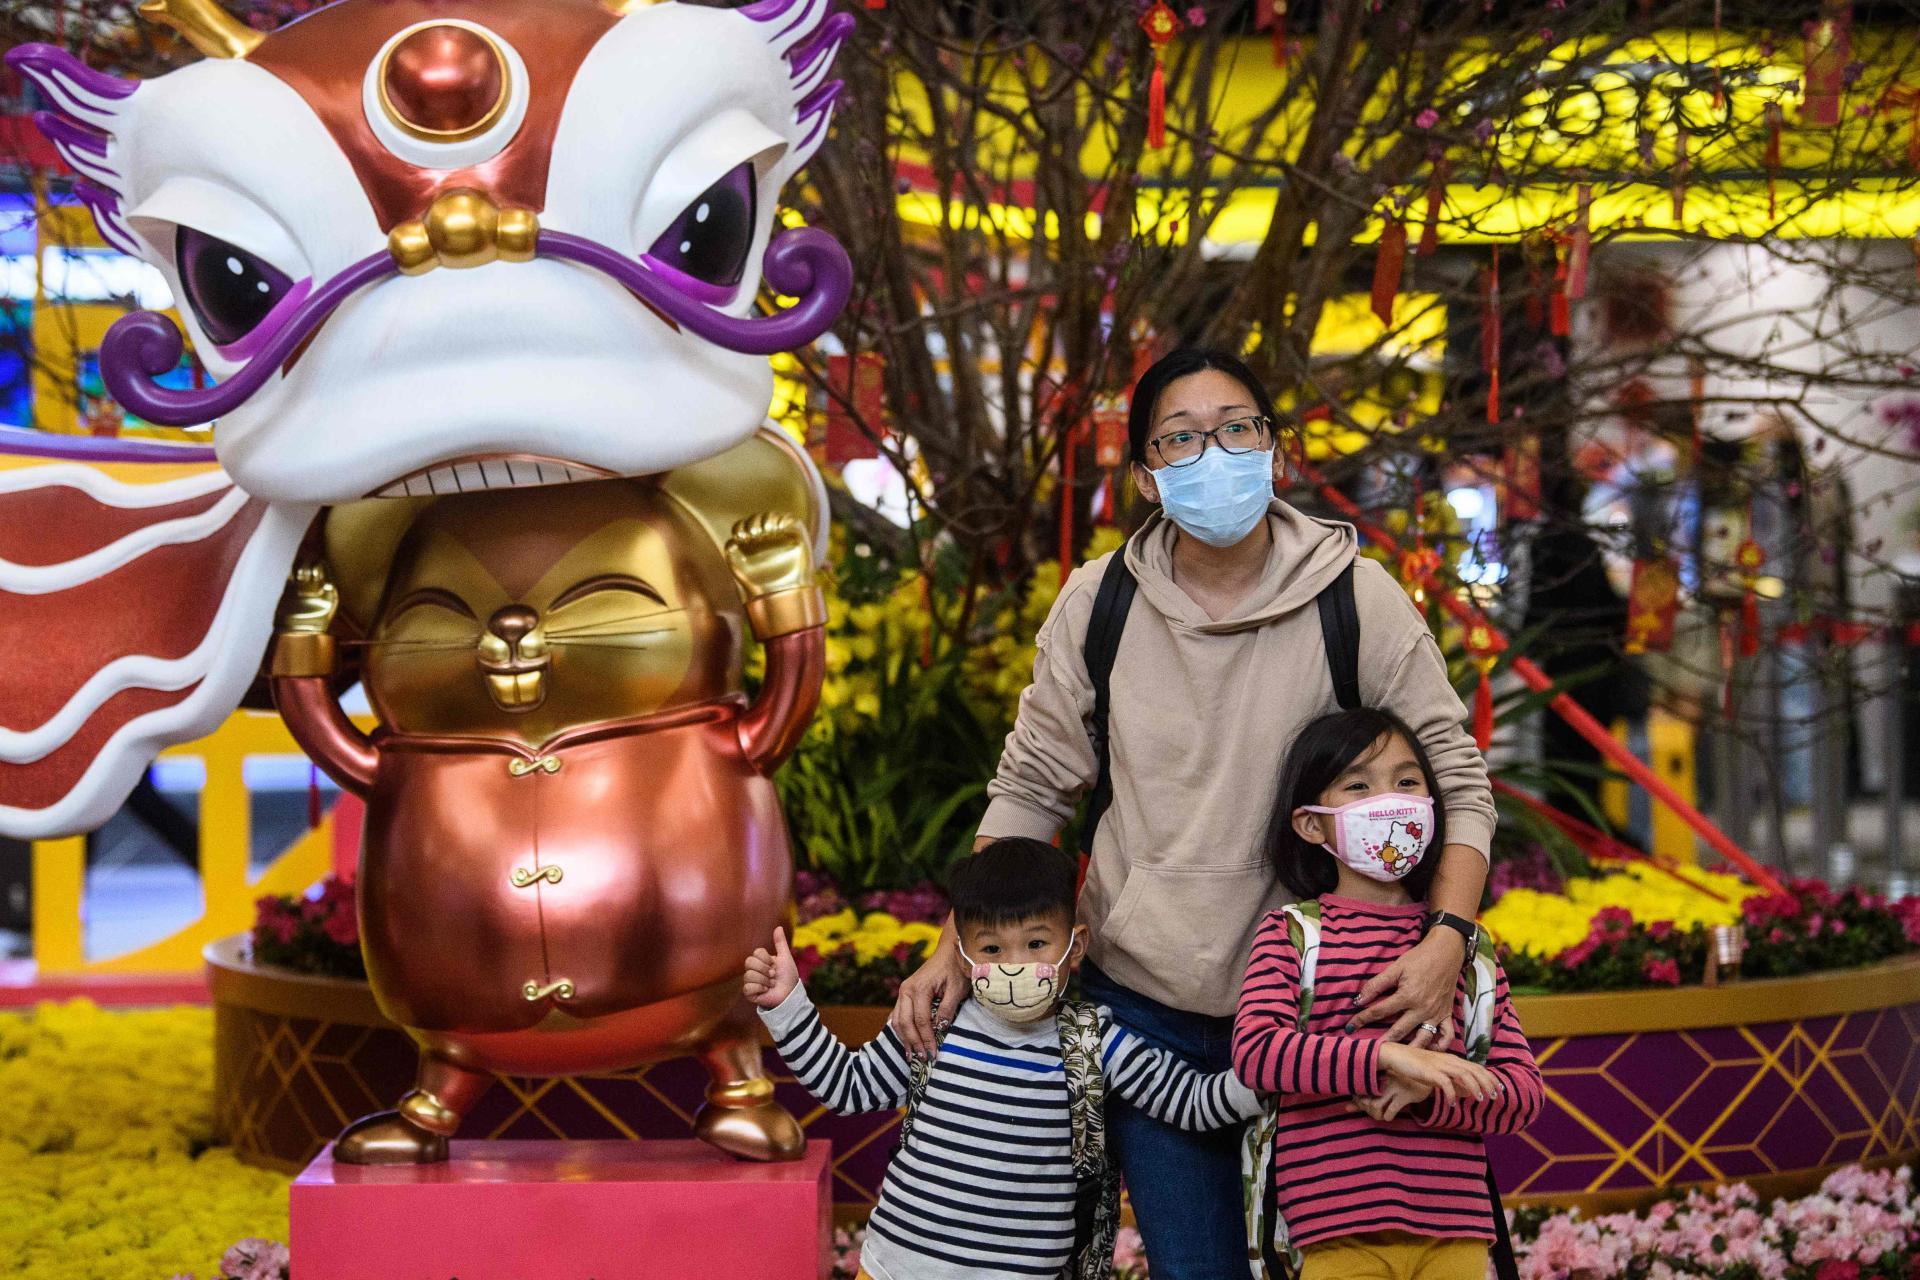 Des voyageurs prennent la pose en famille devant l'installation en vue du Nouvel An à l'aéroport international de Hongkong.